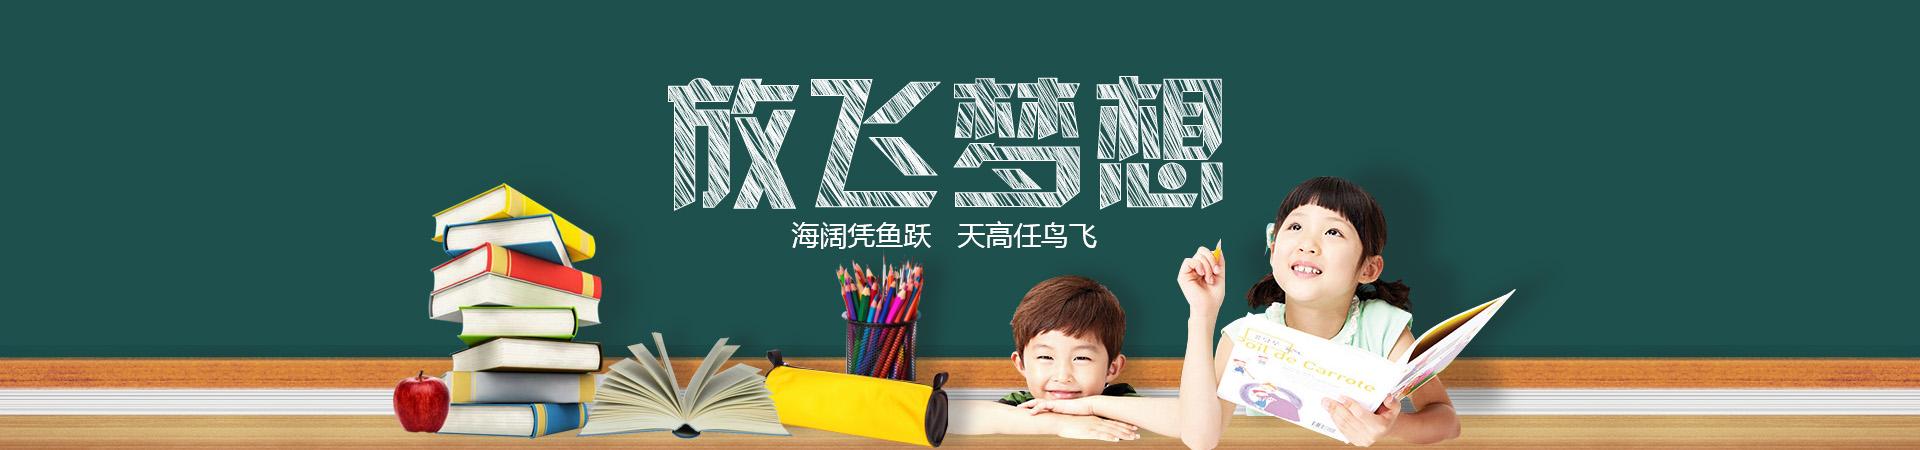 东京入管局就日本最新留学政策进行了详细而明确的解说,整理如下: 1.30万留学生计划已经付诸实施,并且今后很长一段时间不会有改变。 2.2008年10月期生的整体批准率为75%。其中福建学生的批准率为5%。福建学生占了申请人数1/3。08年10月生申请中入管对所有的福建学生进行了电话调查,今后也会继续严格审查。 3.2008年7月生开始,审查重点已经从对经费的审查向学生的学习能力方面转移。 4.明确了签证发放条件。符合以下三个条件中的任意一条,即可以发放签证: a、正规大专院校(即不包括电大,远程教学,成